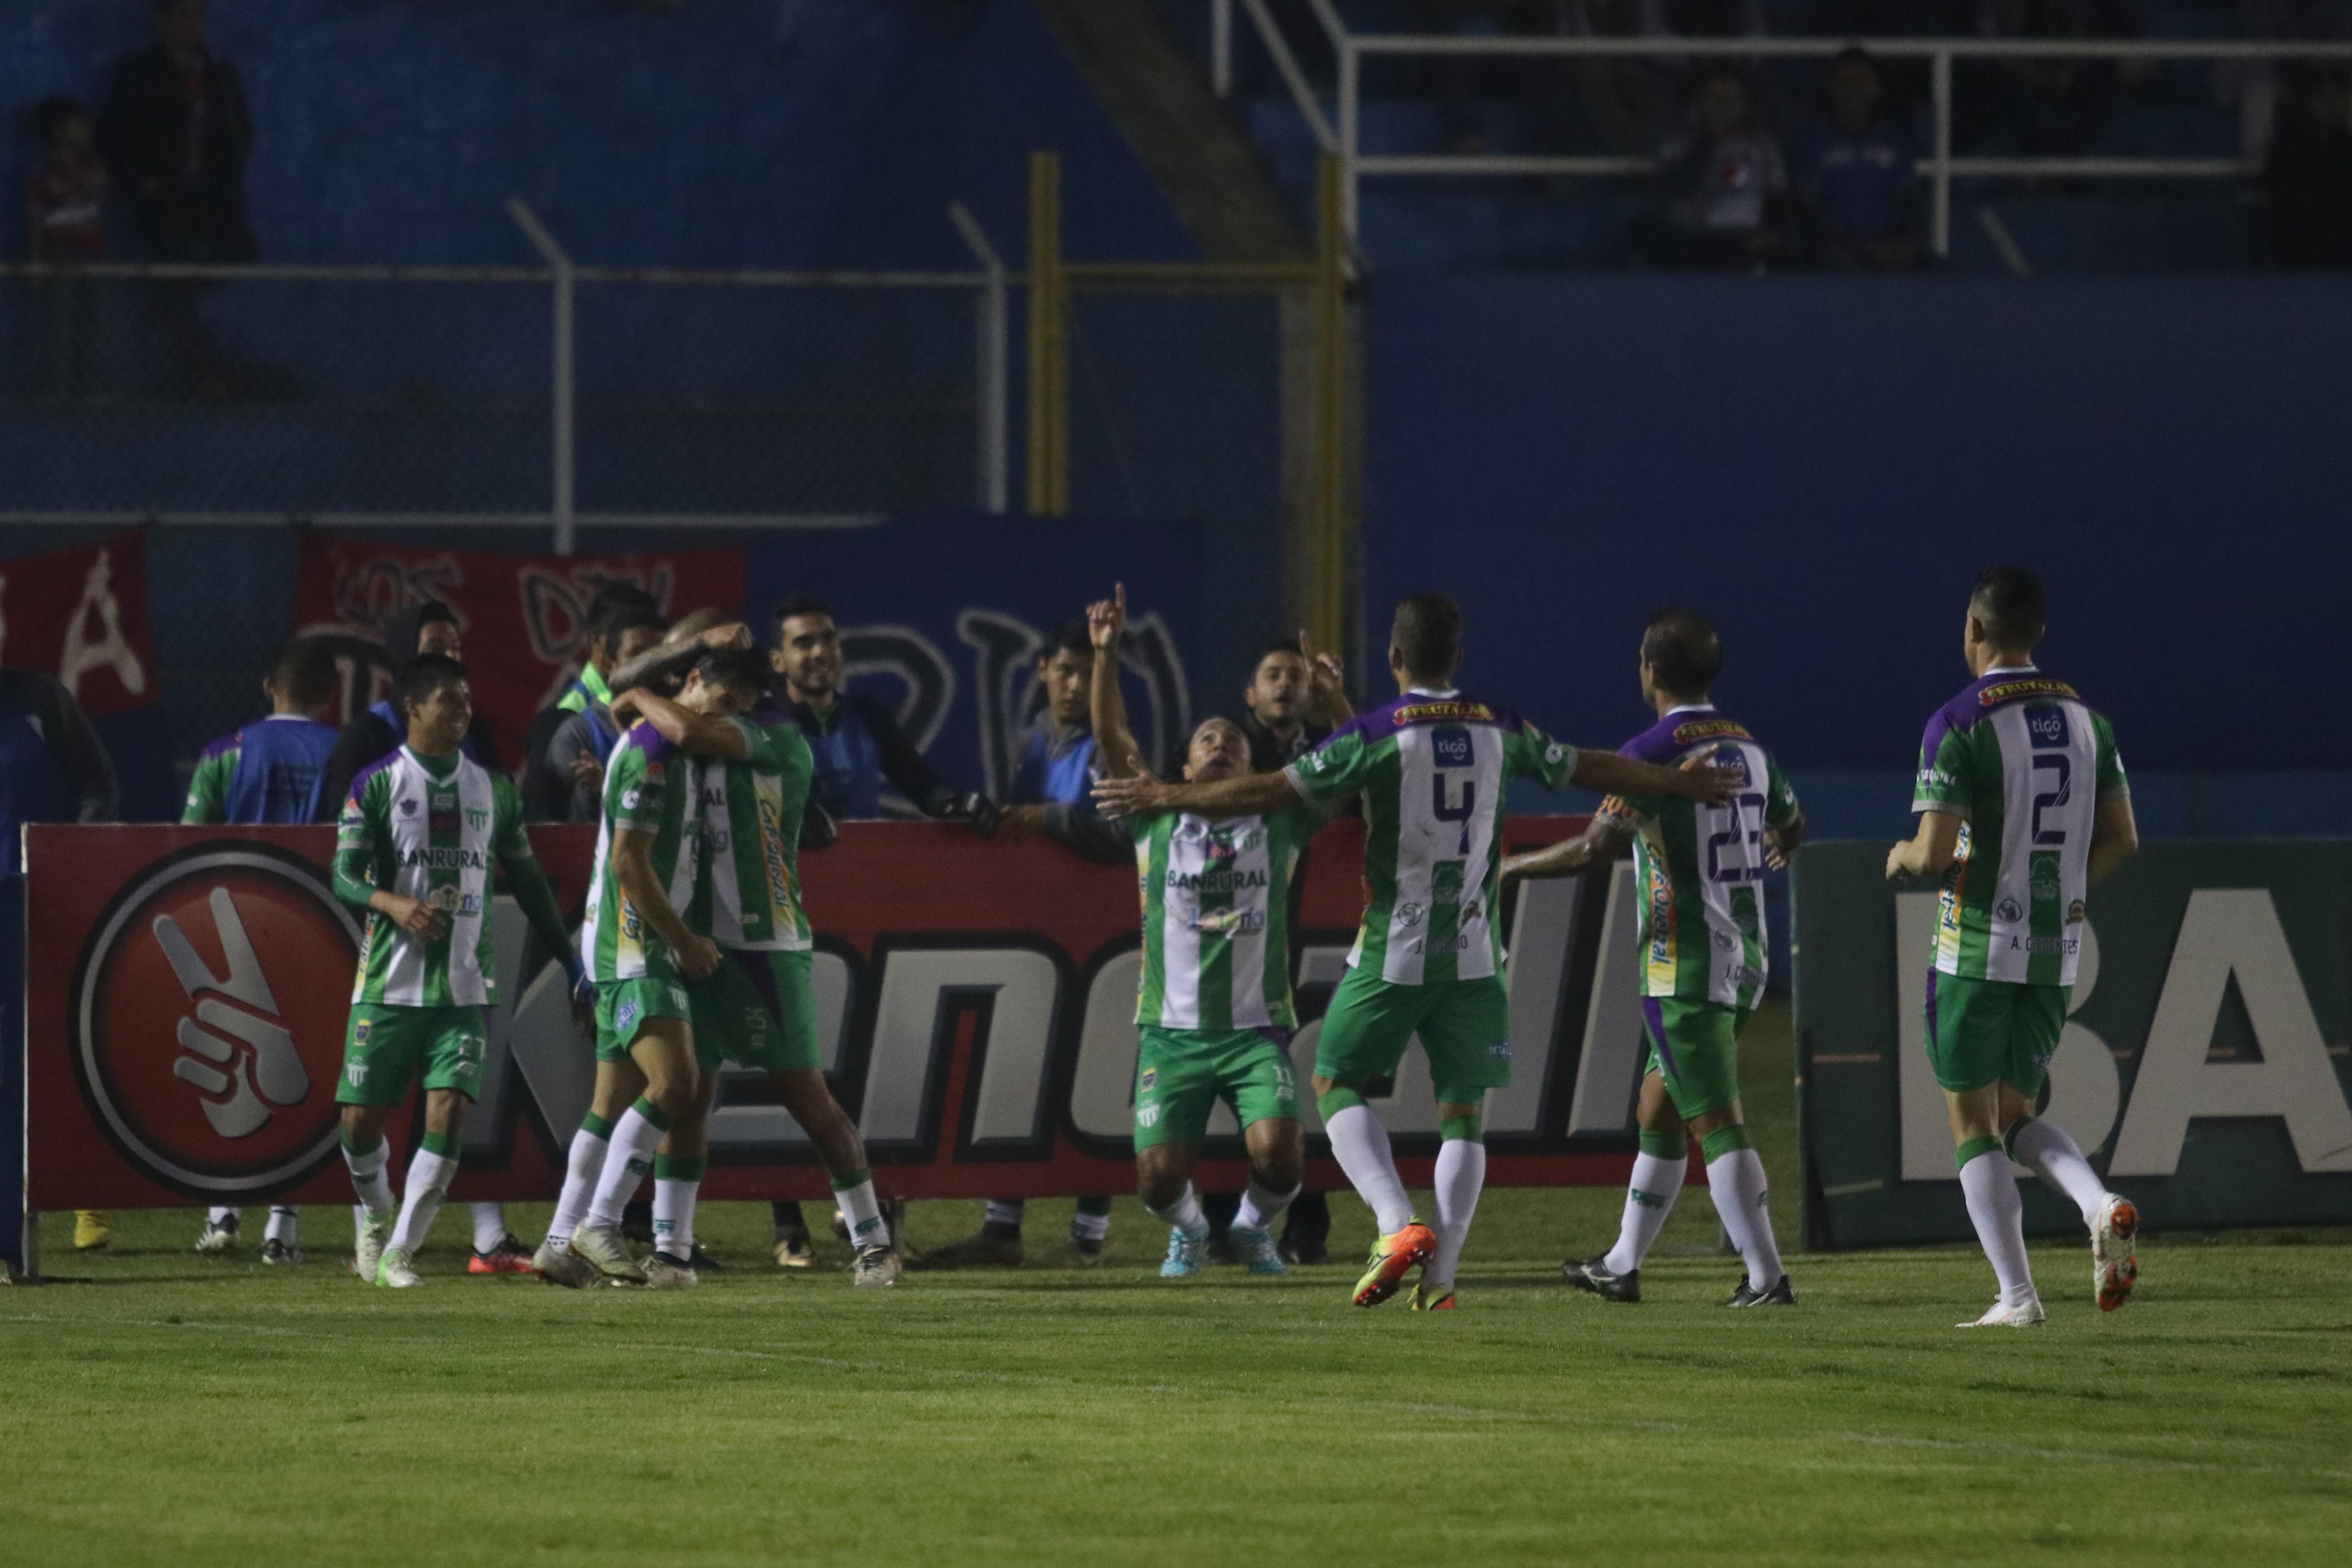 Agustín Herrera celebra con sus compañeros en el Mario Camposeco. (Foto Prensa Libre: Raúl Juárez)